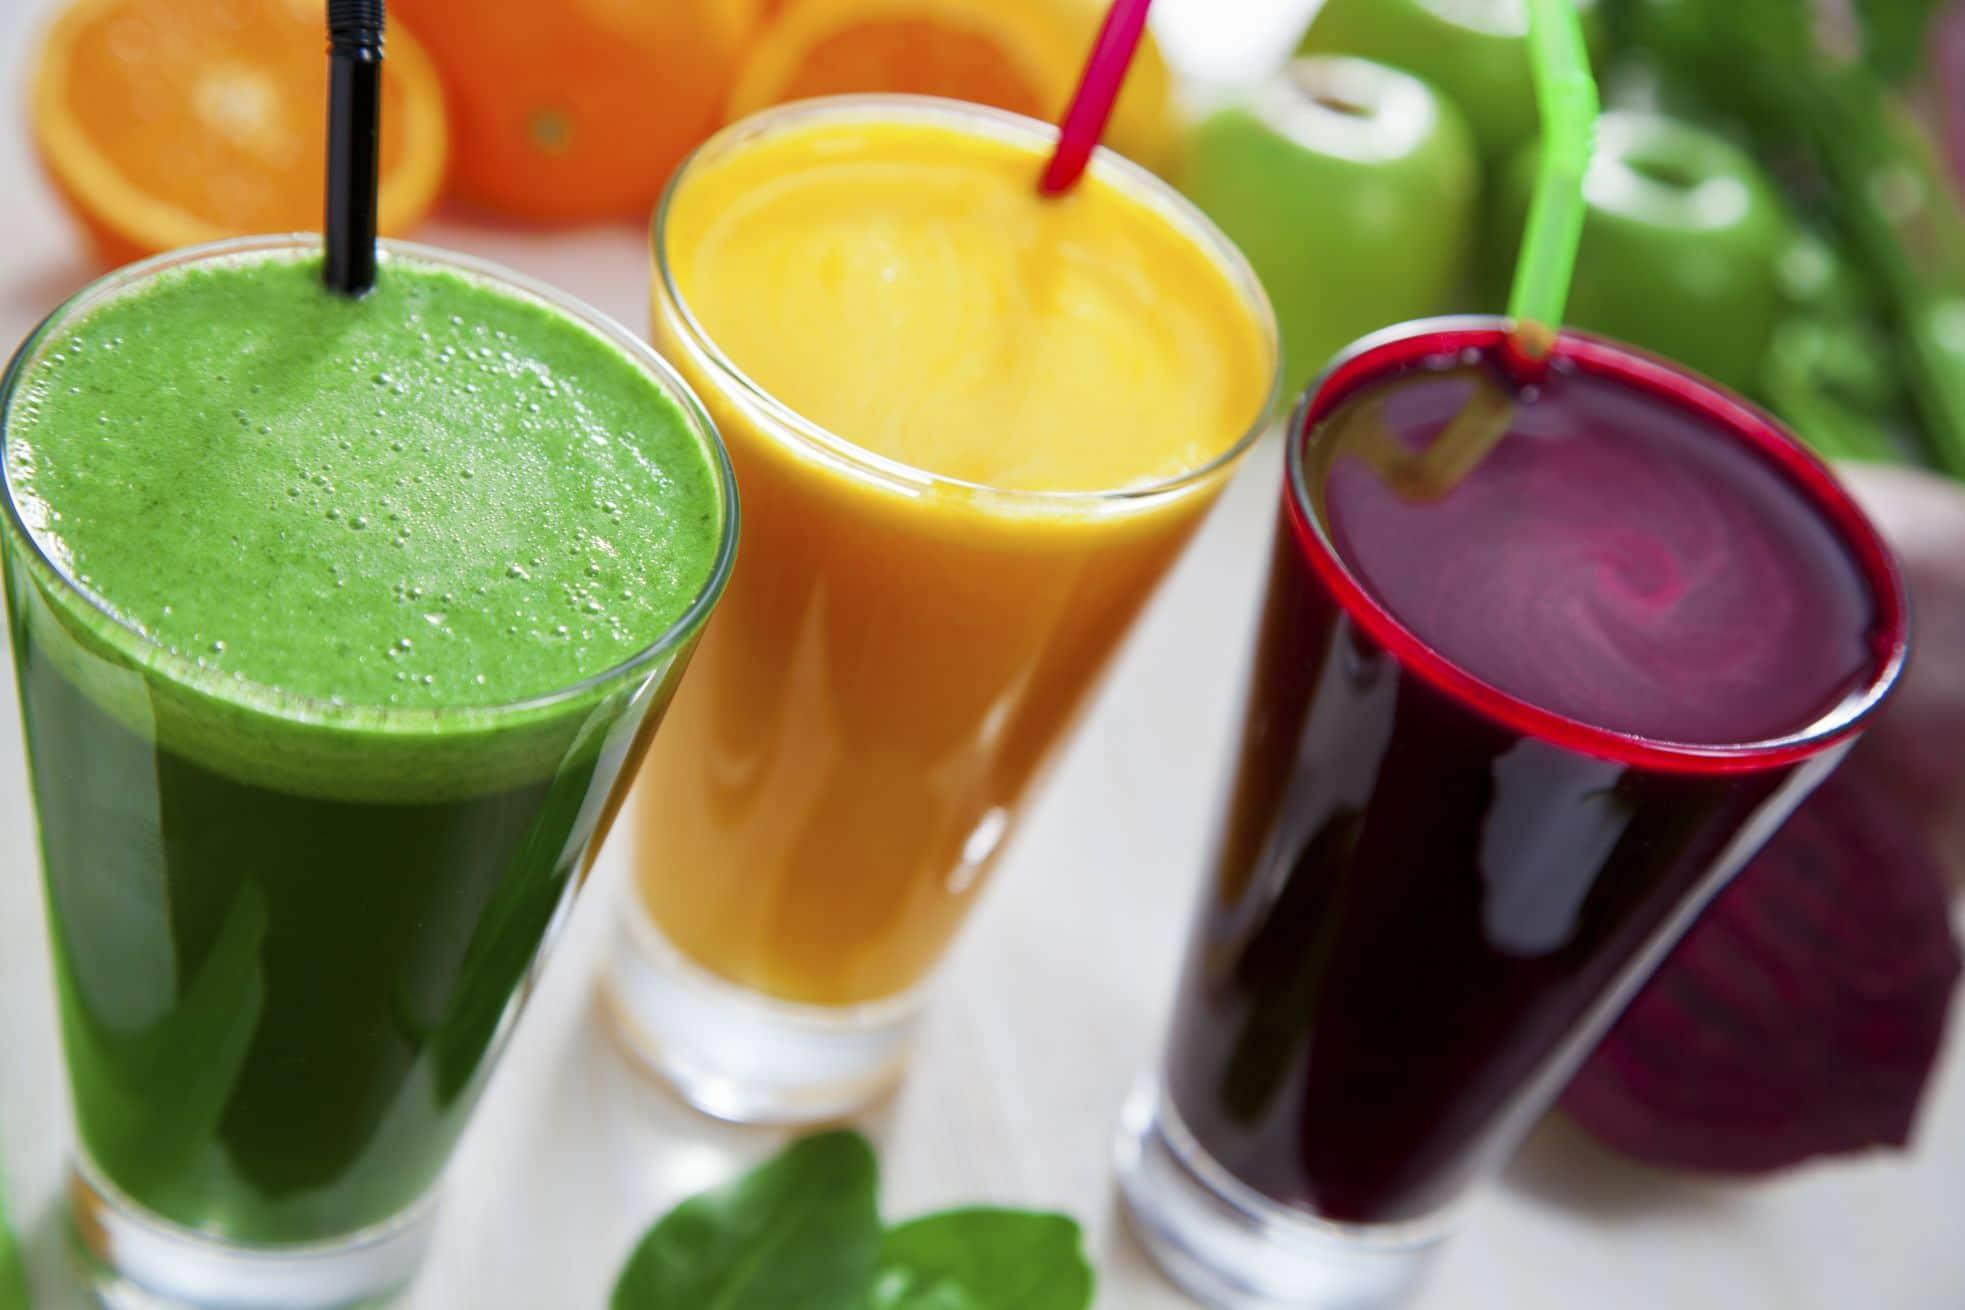 Juice cleanses desert hot springs